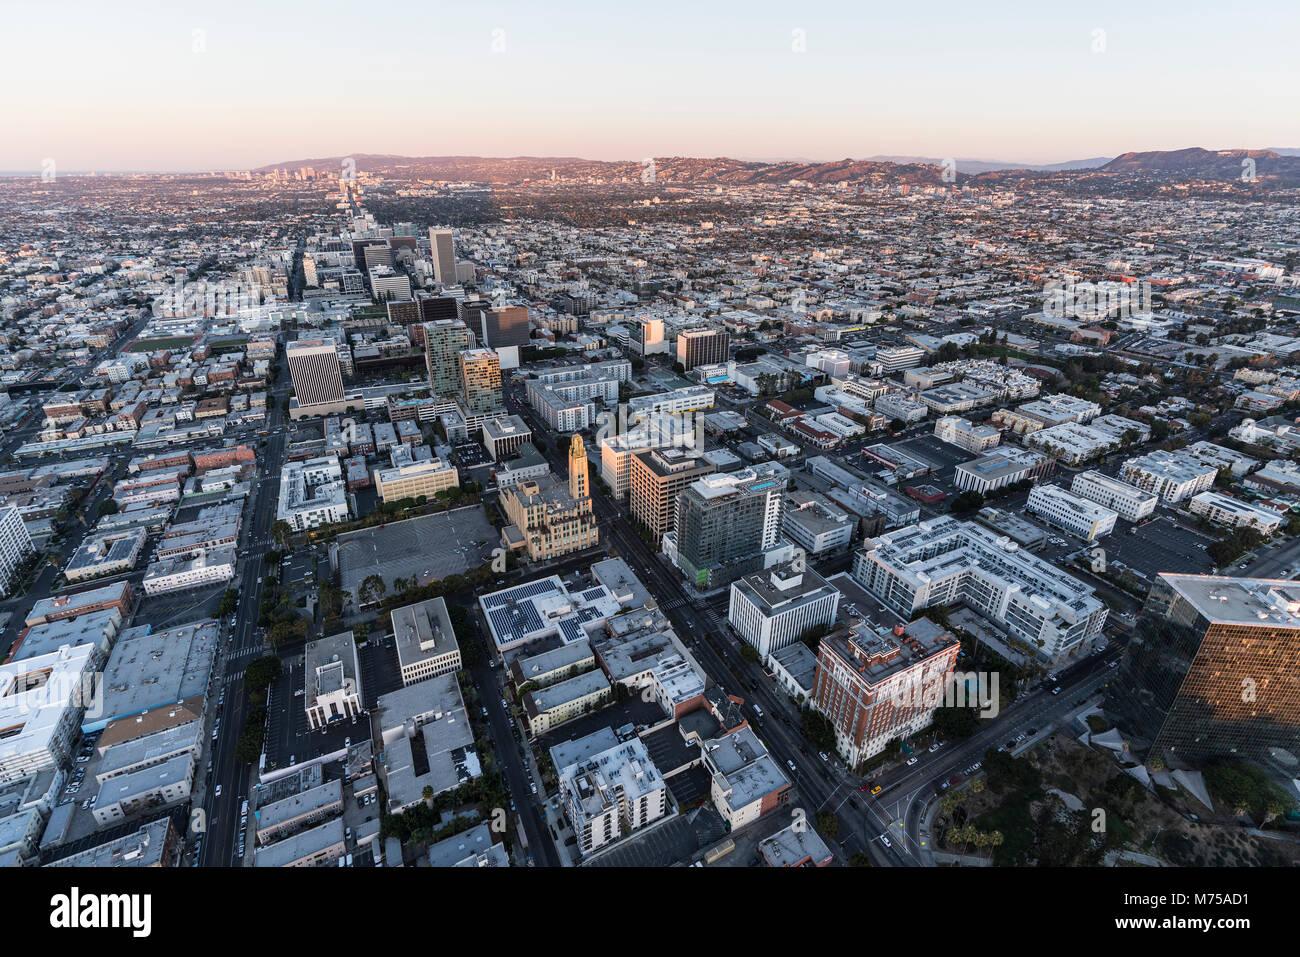 Vista aérea temprano por la mañana hacia abajo Wilshire Blvd en el área de Koreatown de Los Ángeles, California. Foto de stock